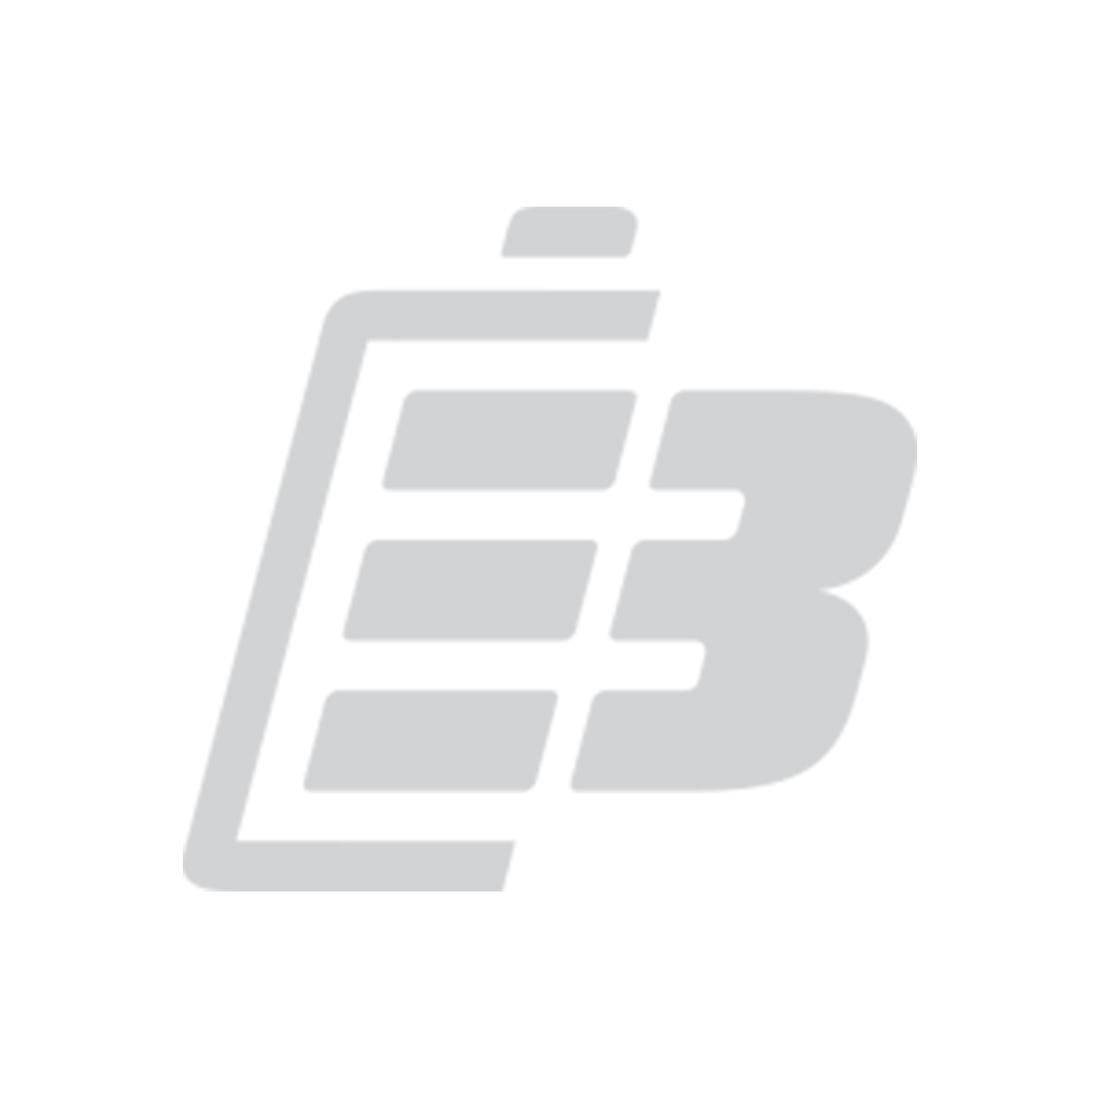 Μπαταρια Μολυβδου Multipower 6V 13Ah